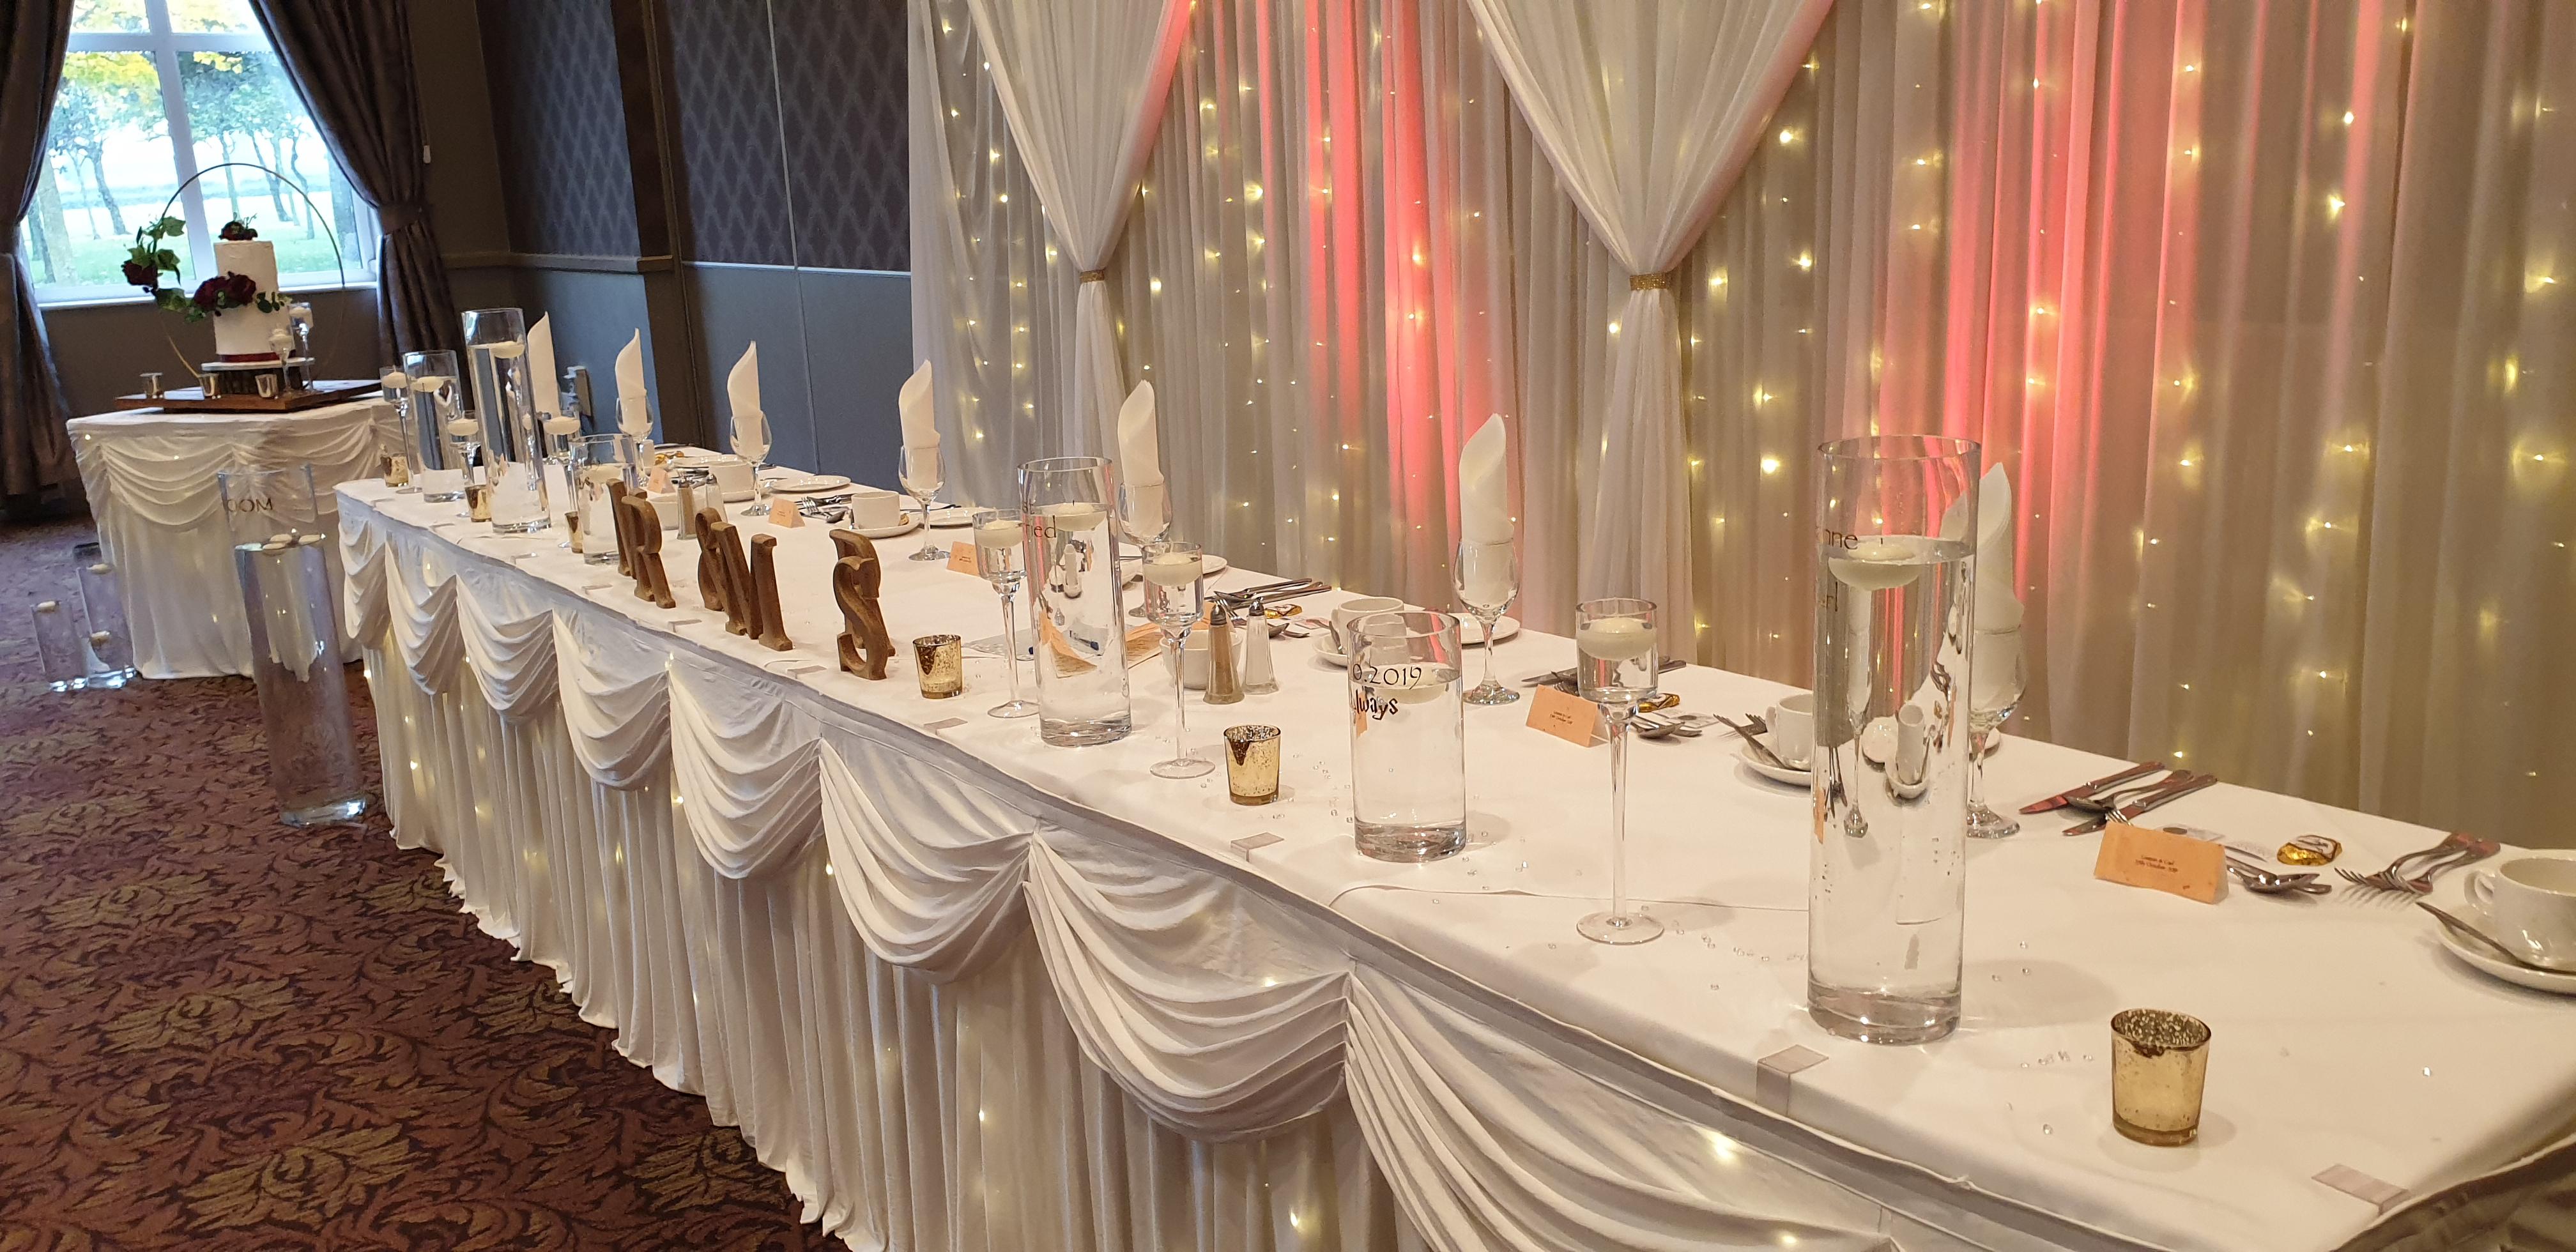 Floating candle cylinder vases